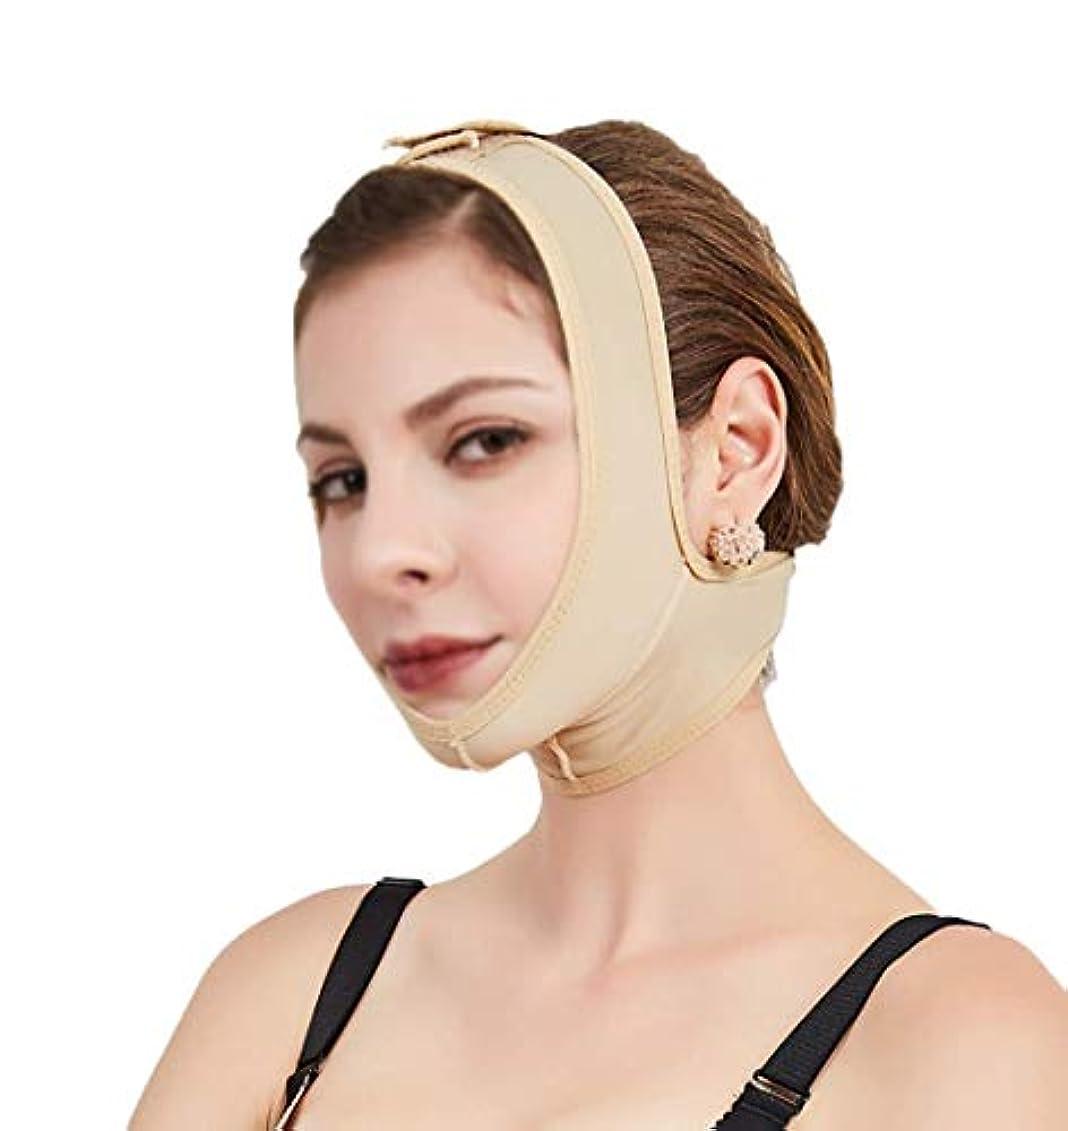 緯度長くするもっと少なくフェイスアンドネックリフトポストエラスティックスリーブ下顎骨セットフェイスアーティファクトVフェイスフェイシャルフェイスバンドルダブルチンマスク(サイズ:M)